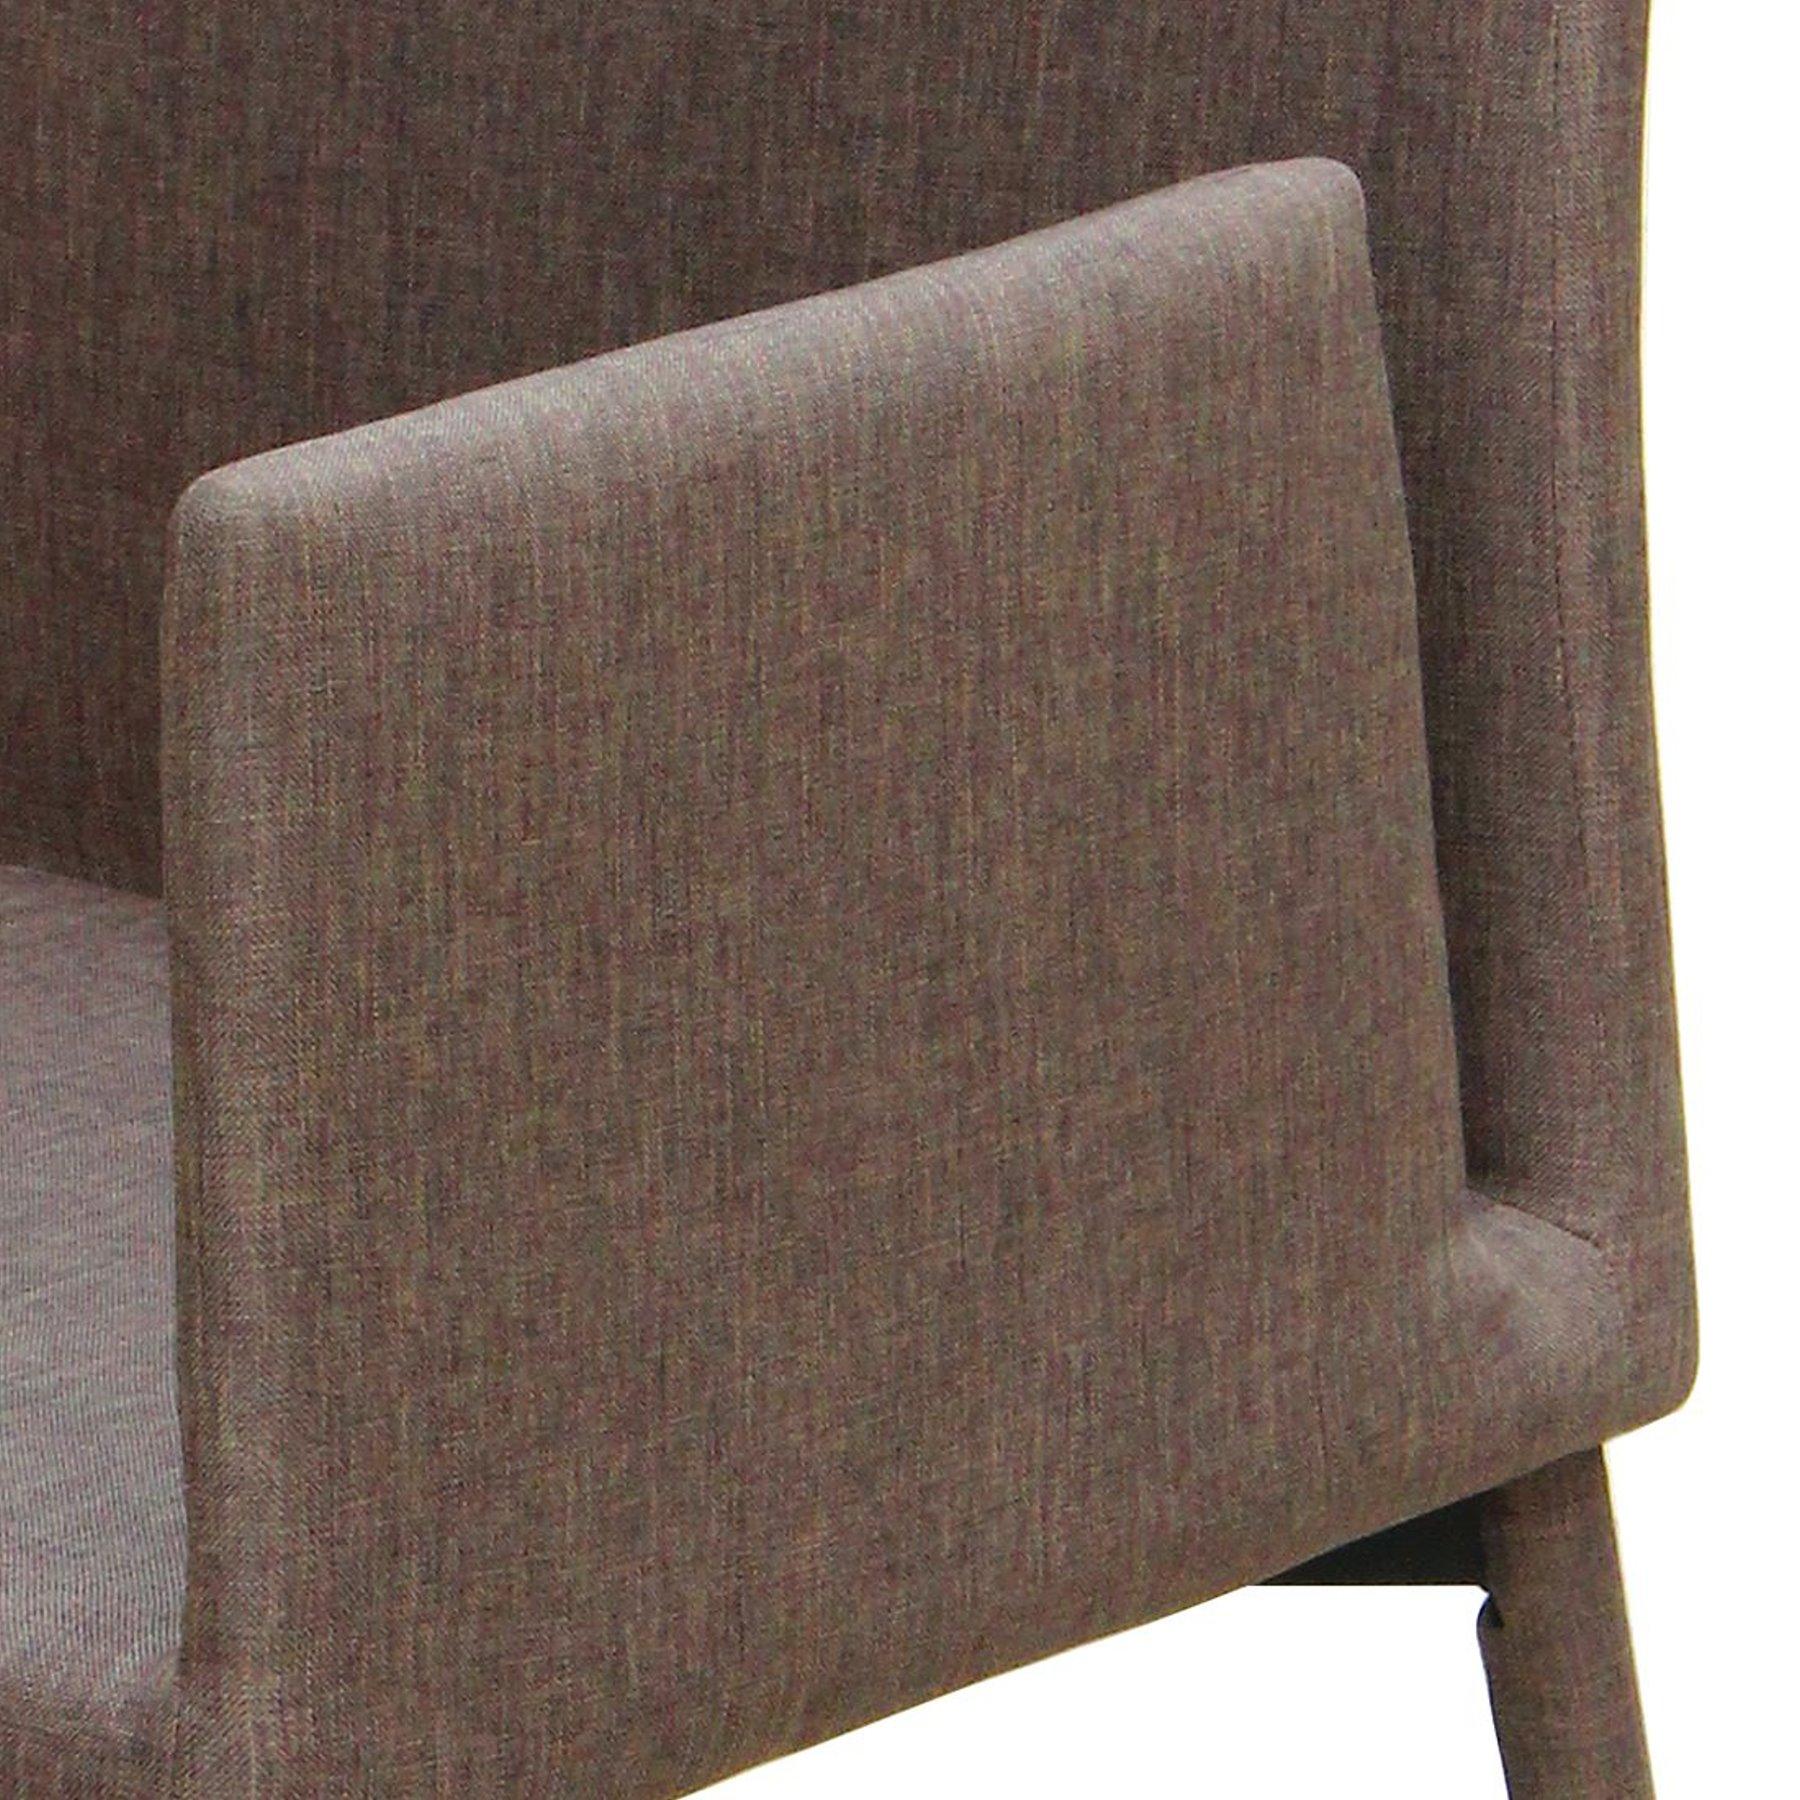 2x stuhl armlehne polsterstuhl braun stuhl set esszimmer k chen st hle stoff m bel wohnen. Black Bedroom Furniture Sets. Home Design Ideas